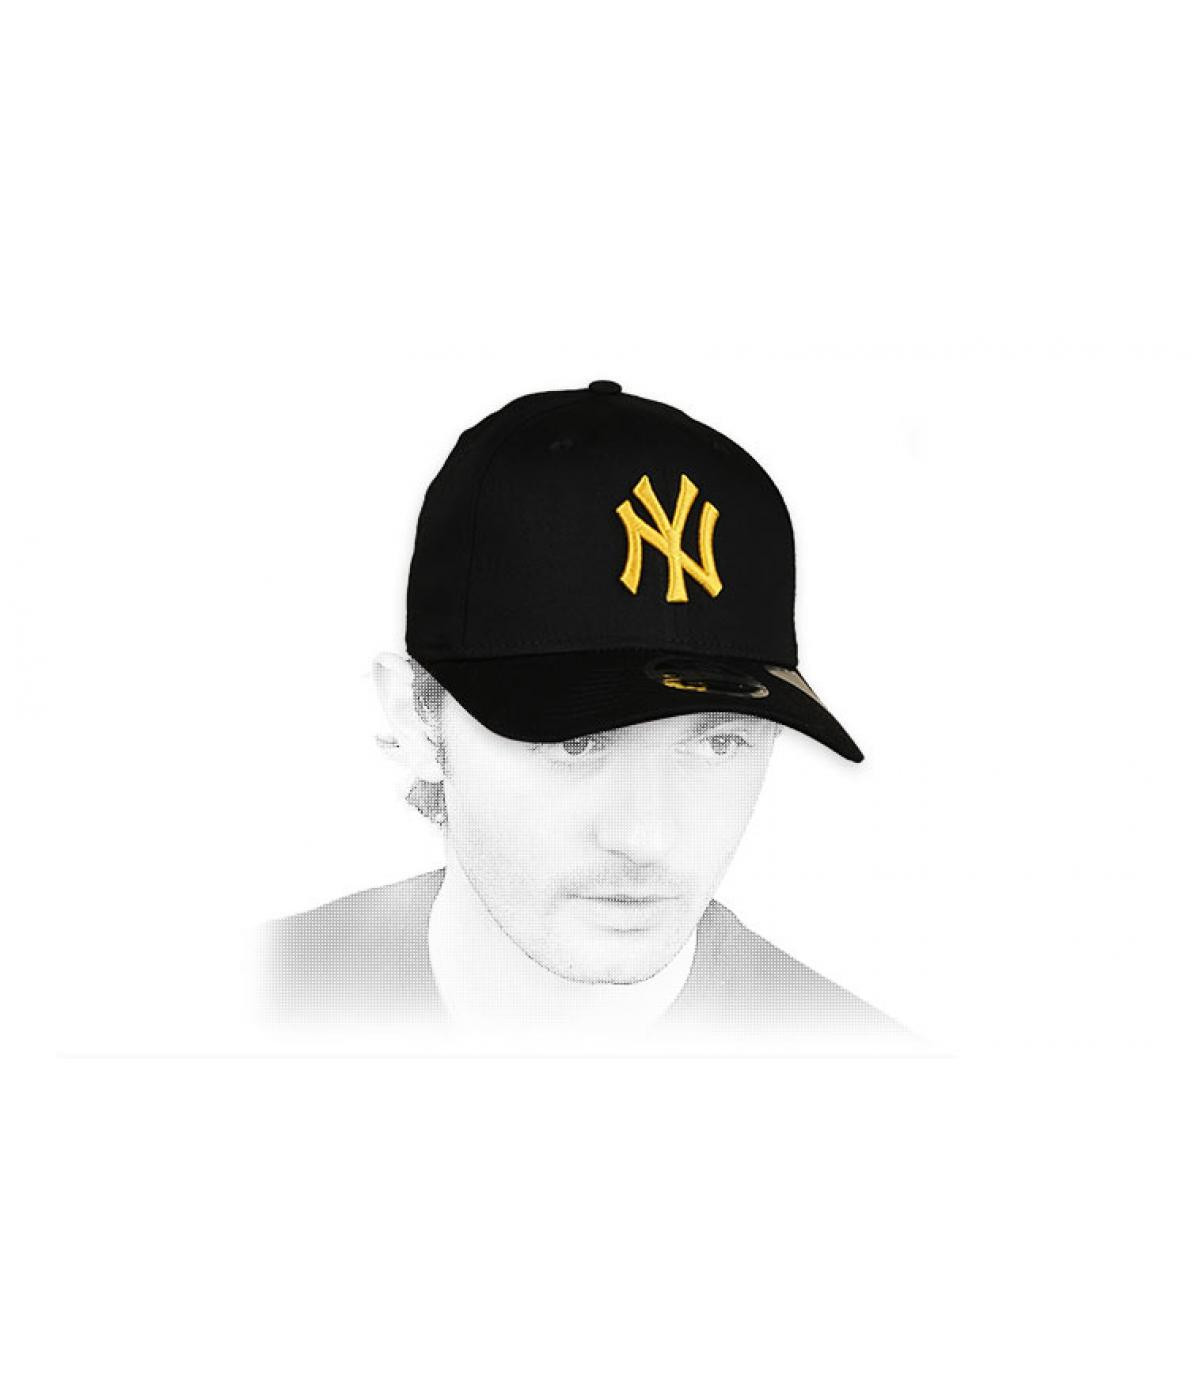 gorra NY negro amarillo